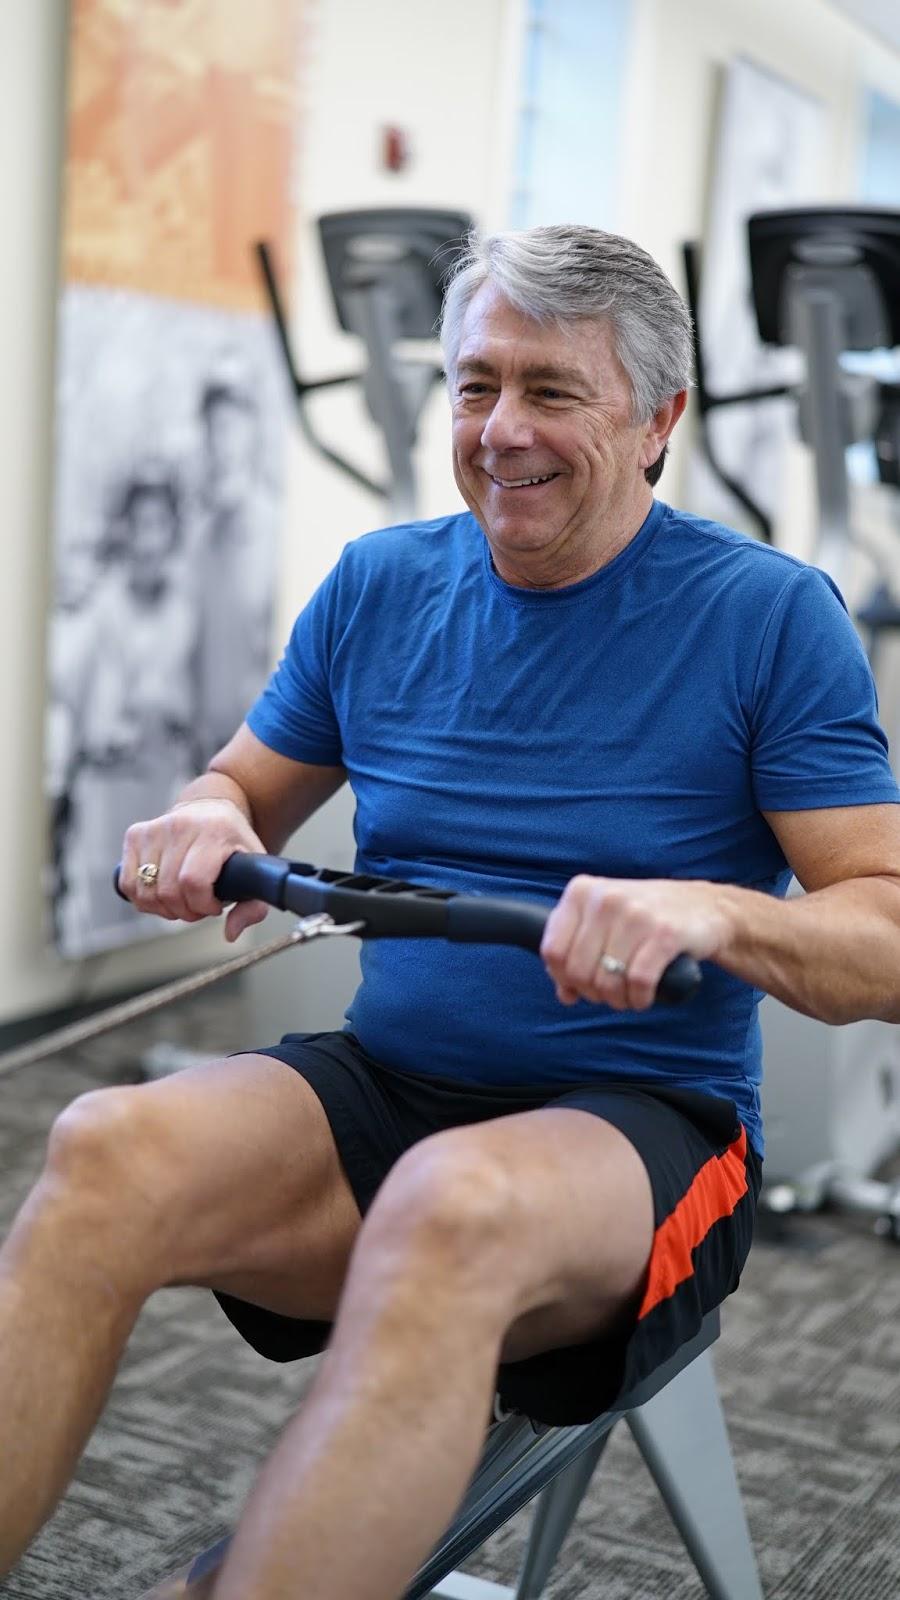 l'exercice est le chemin des hommes avec des érections